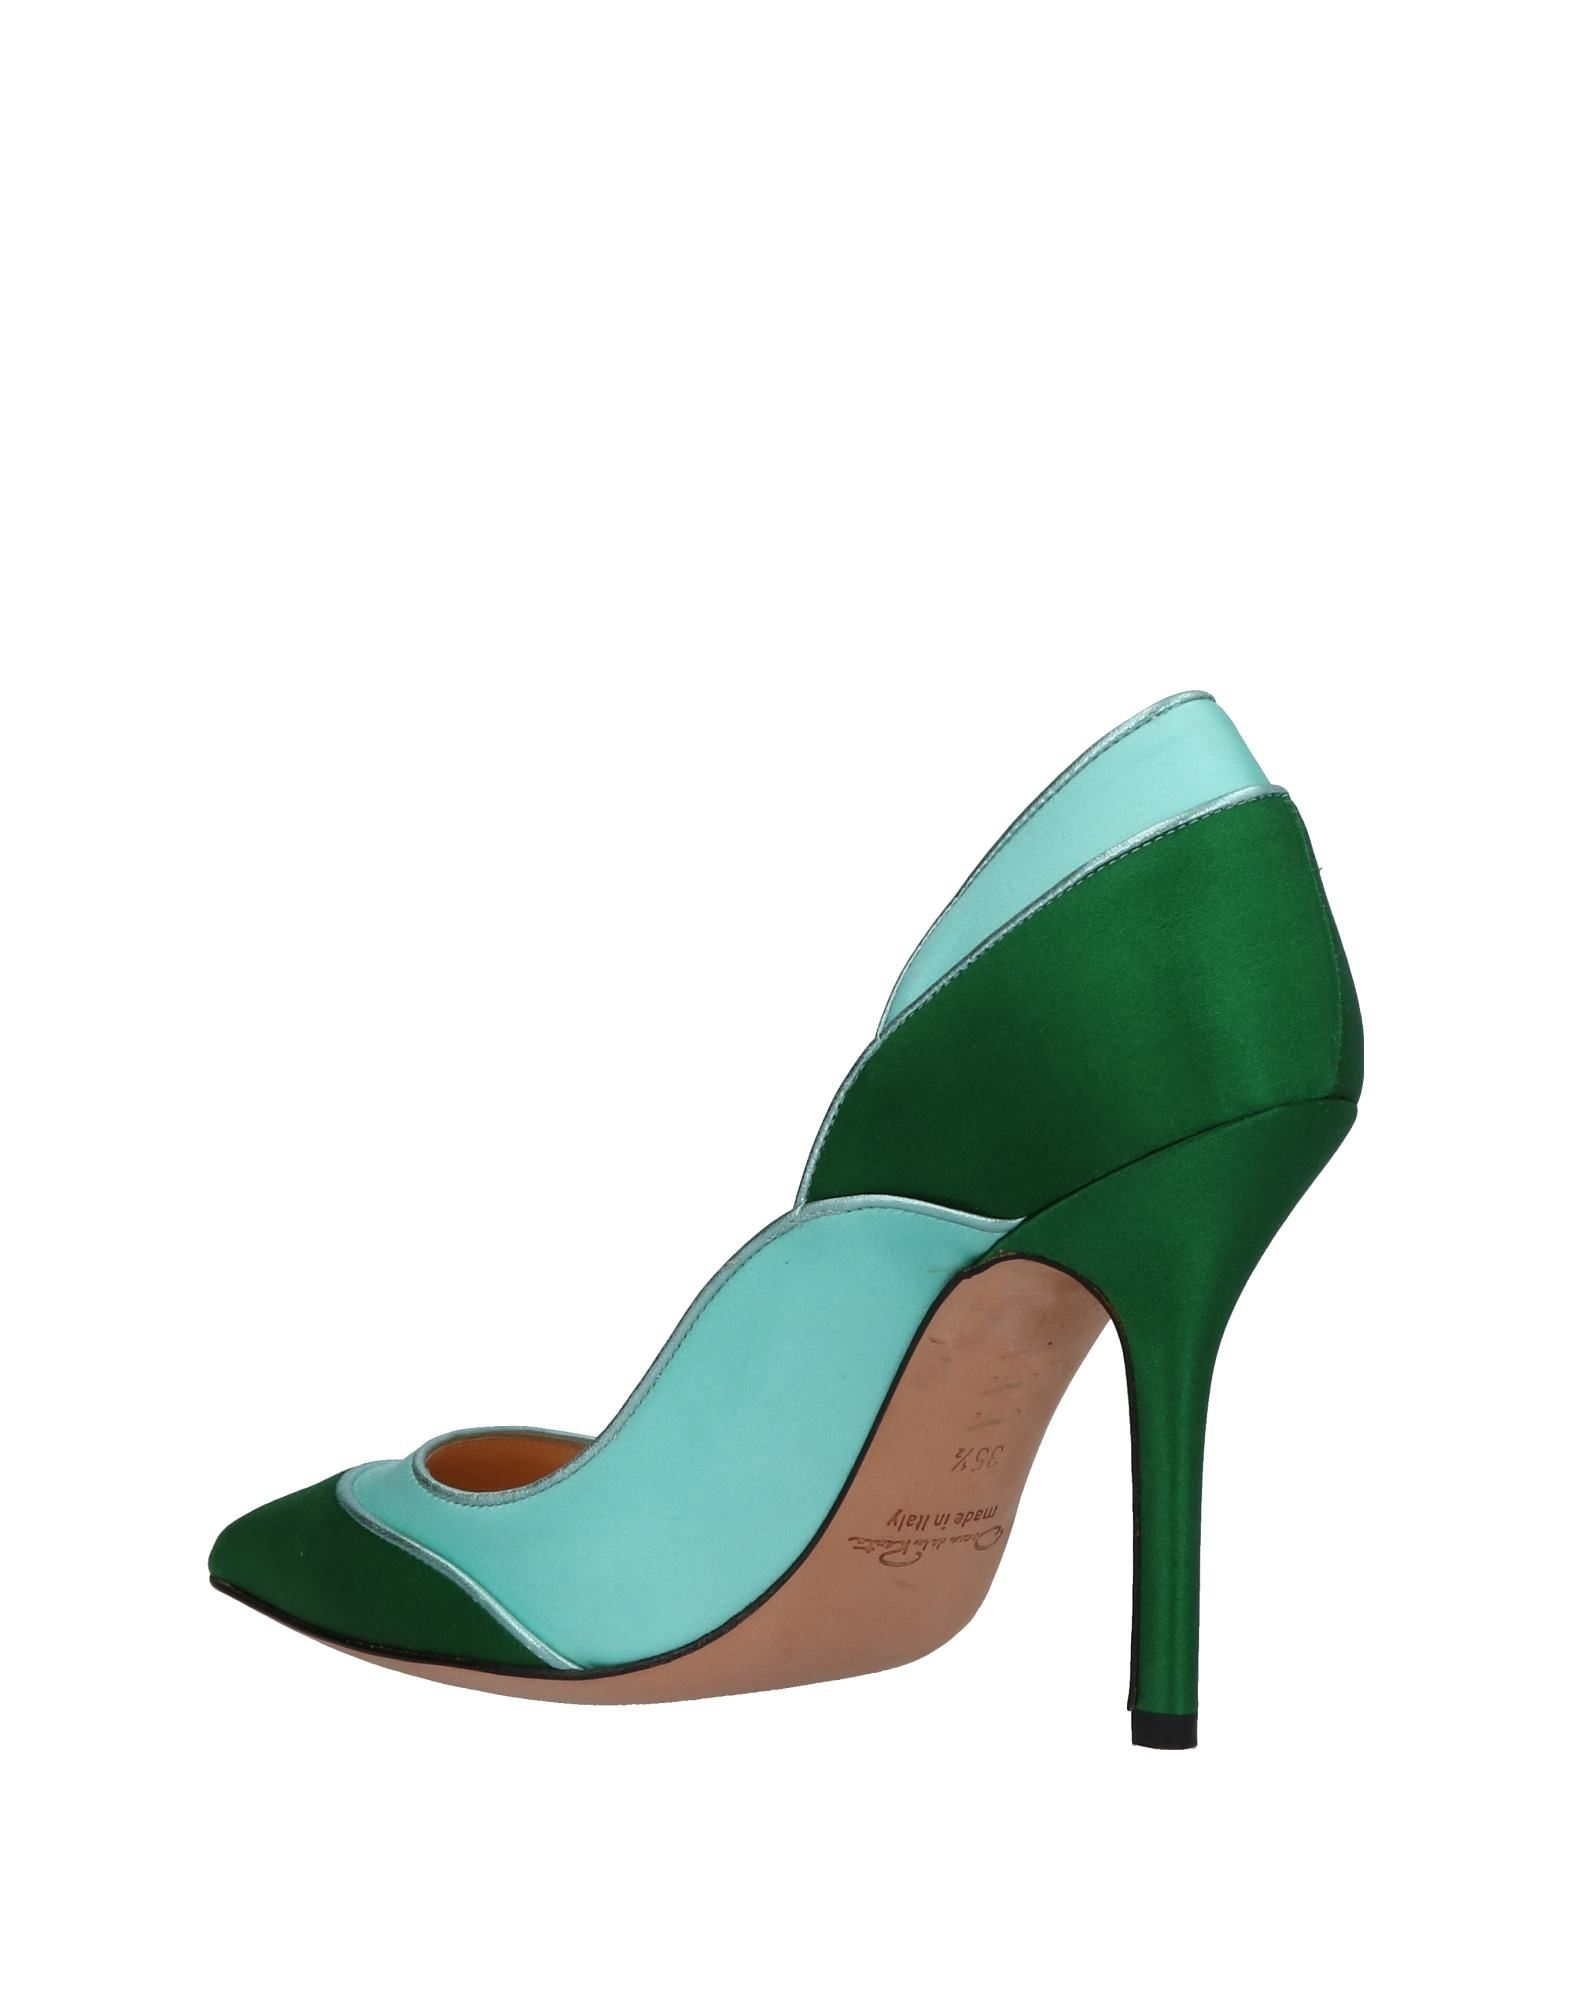 Rabatt Renta Schuhe Oscar De La Renta Rabatt Pumps Damen  11407857RQ 36ed5d